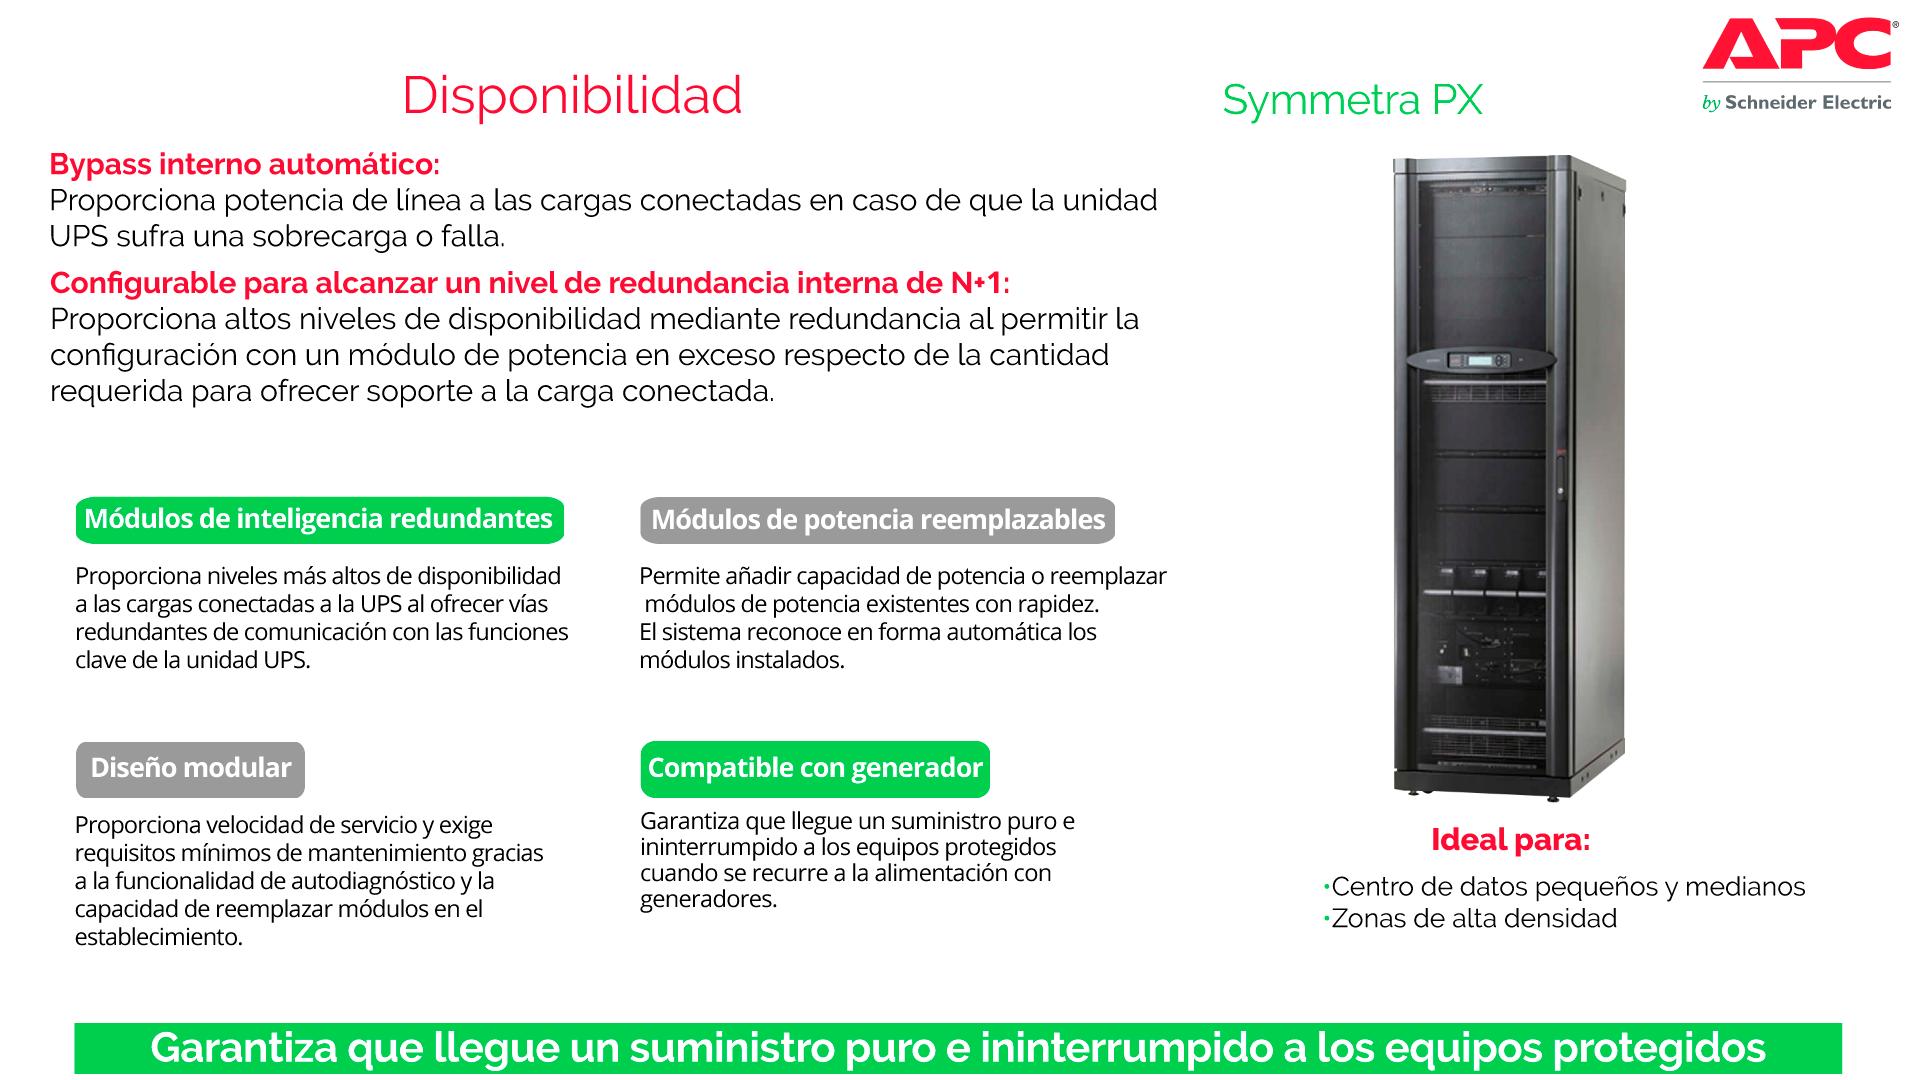 symmetra-px